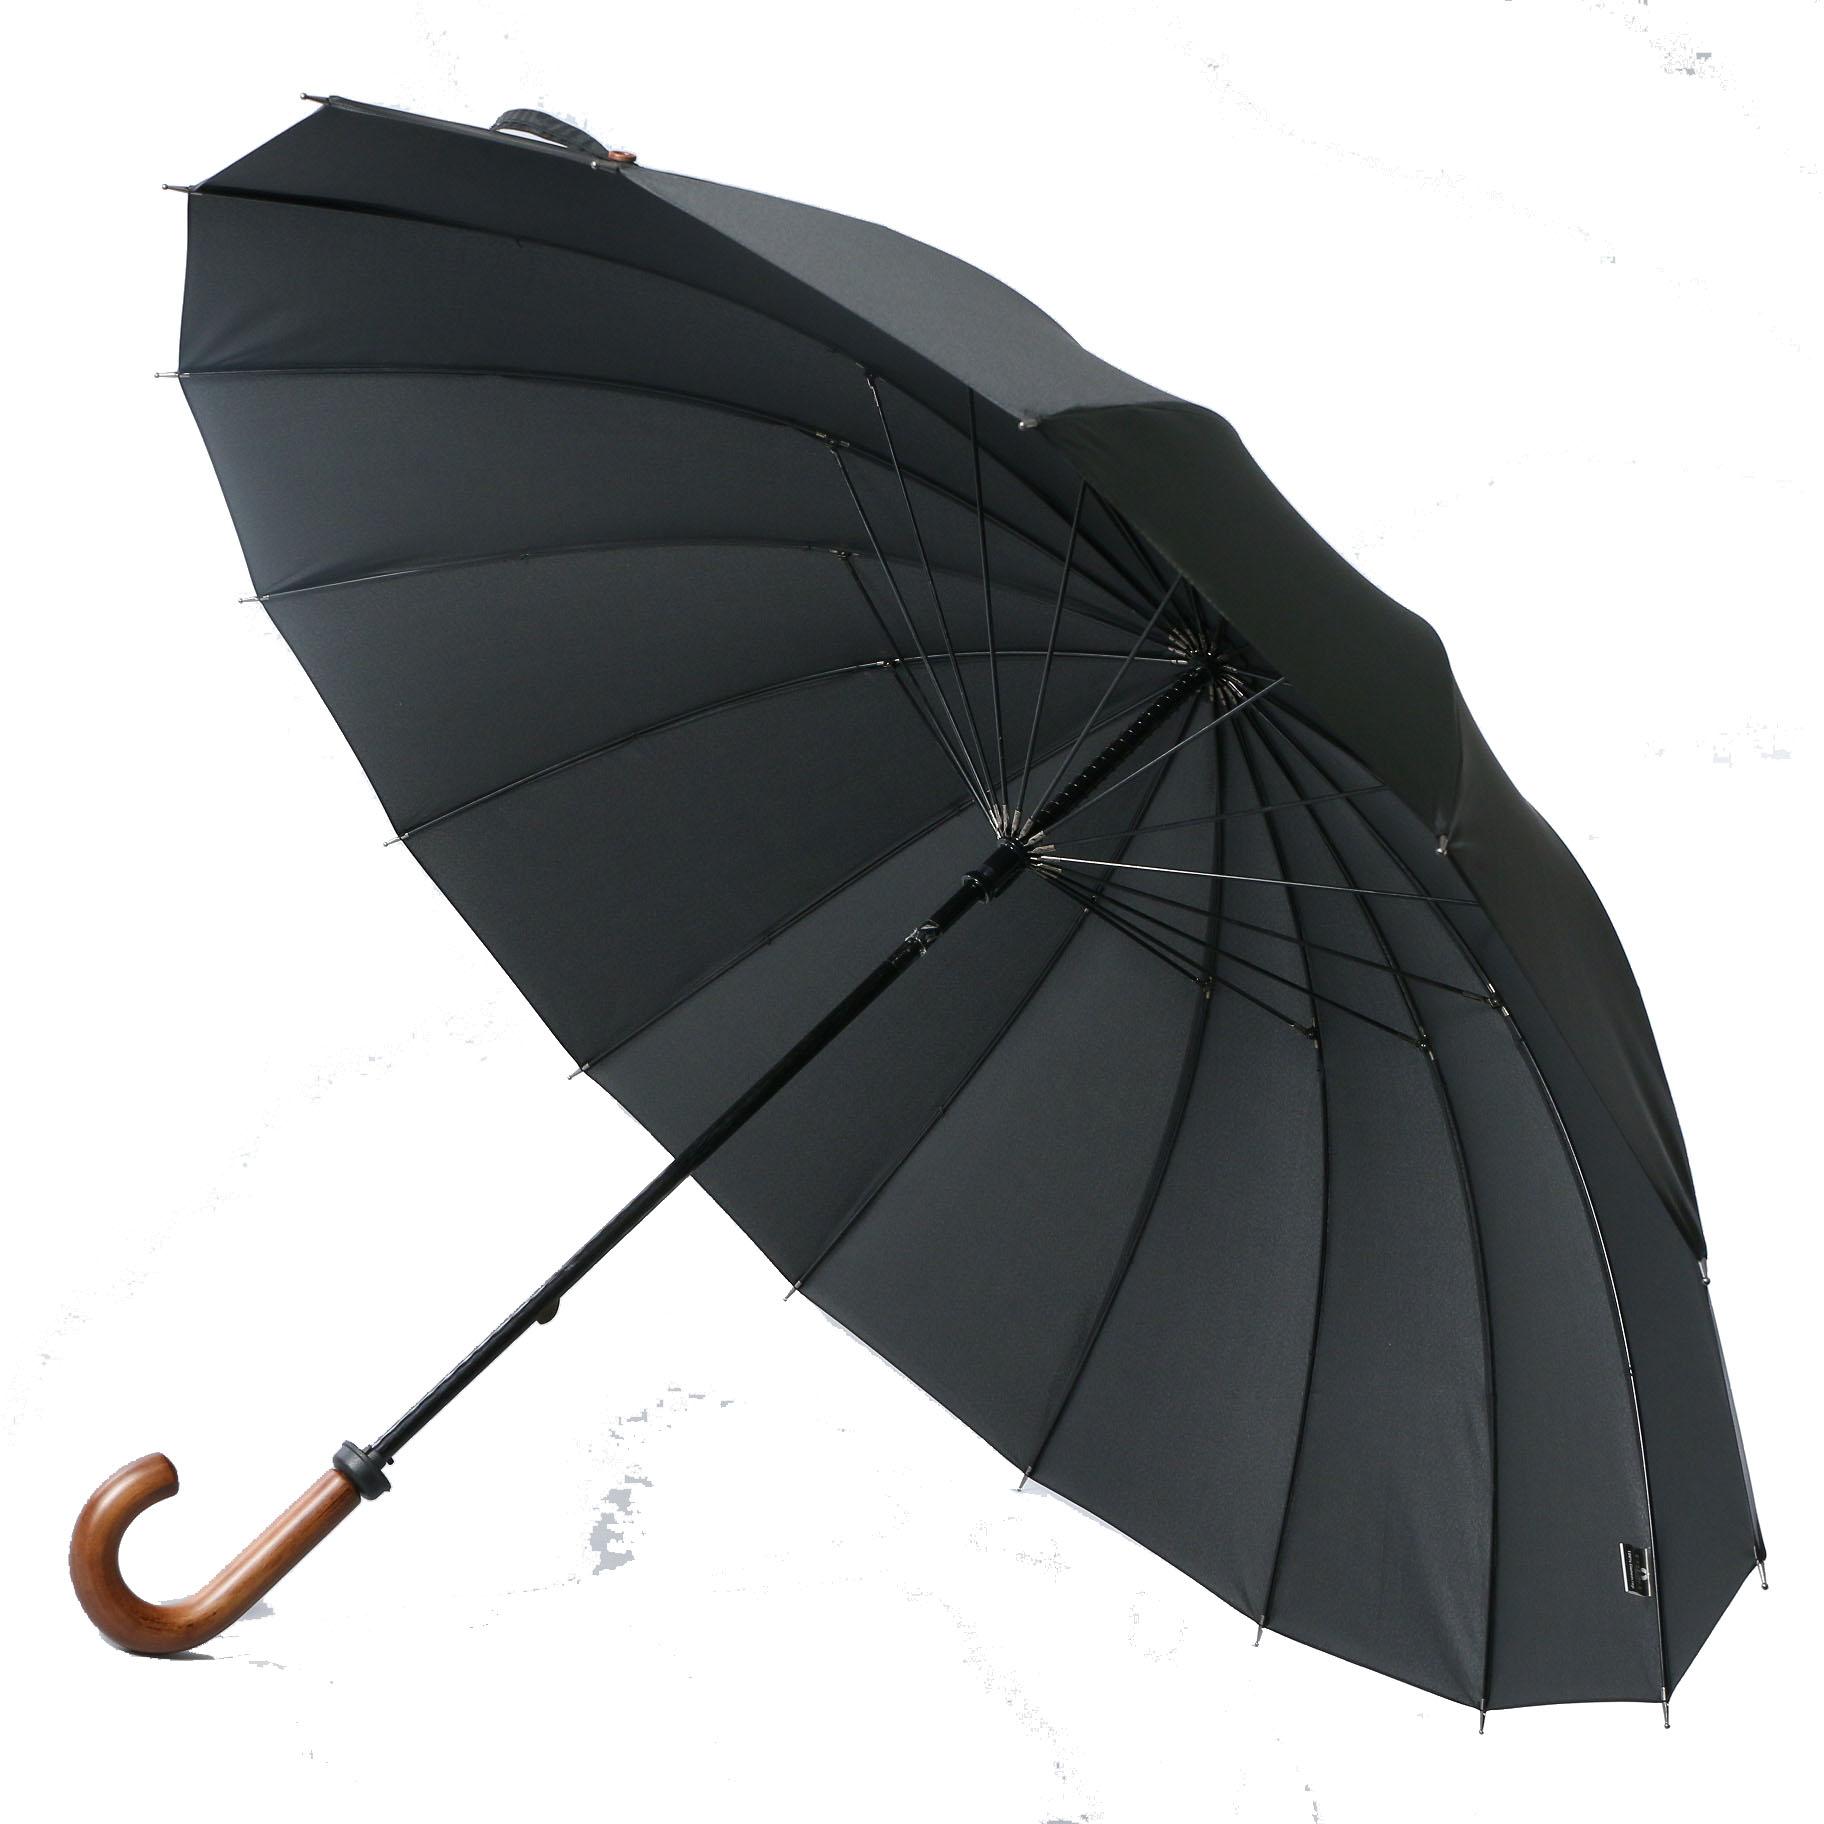 泉州哪里有雨伞批发的 _ 样式优雅